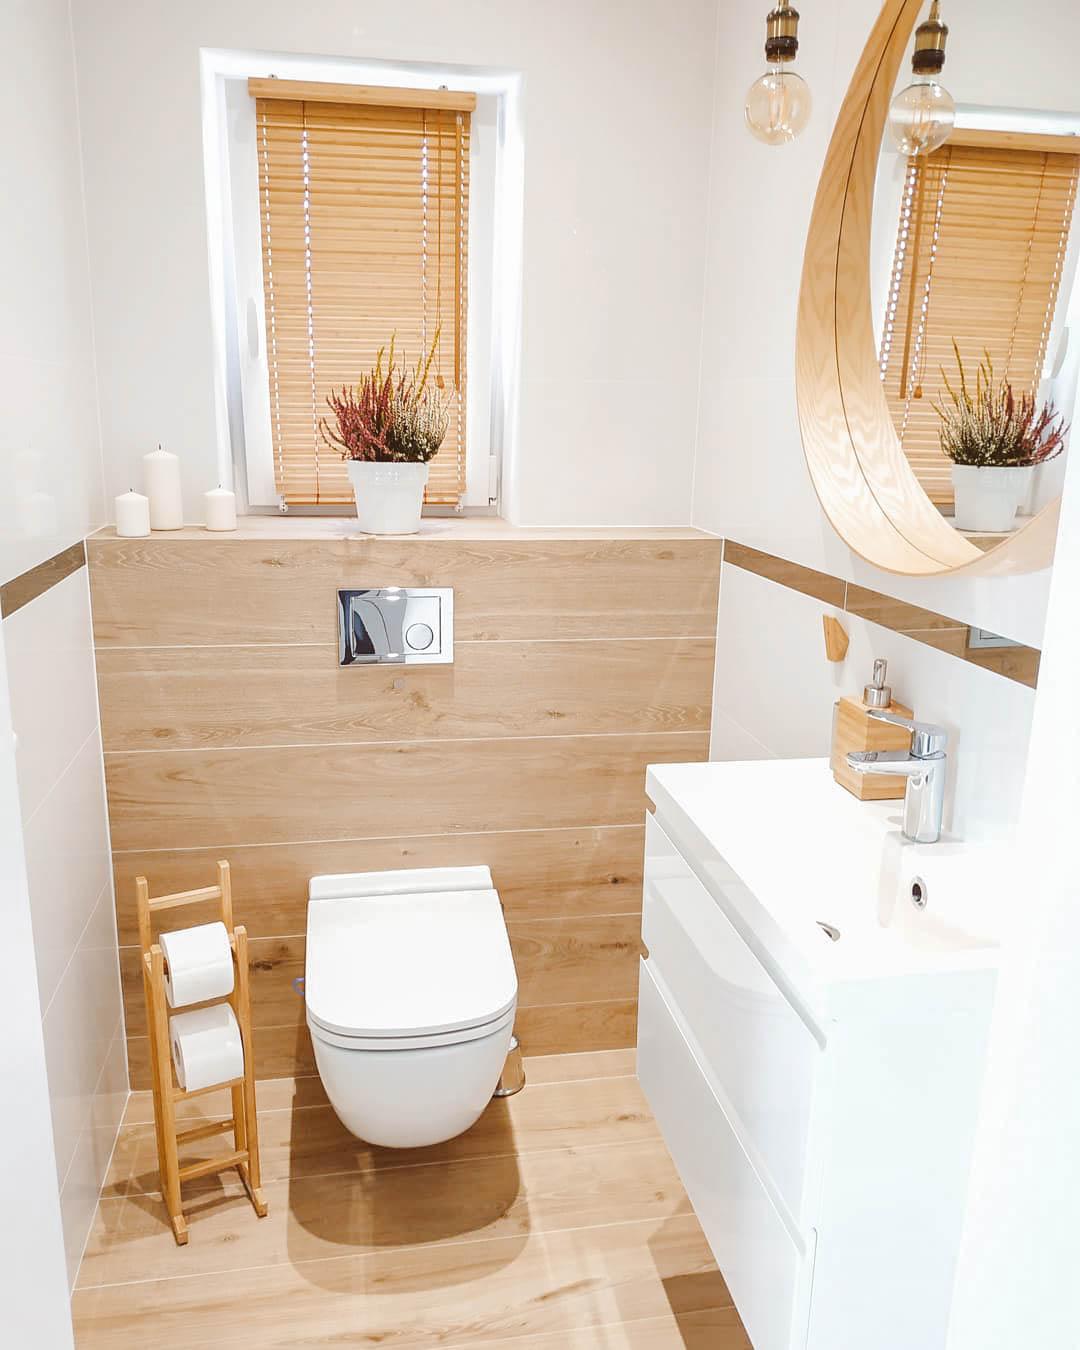 żaluzja bambusowa w łazience